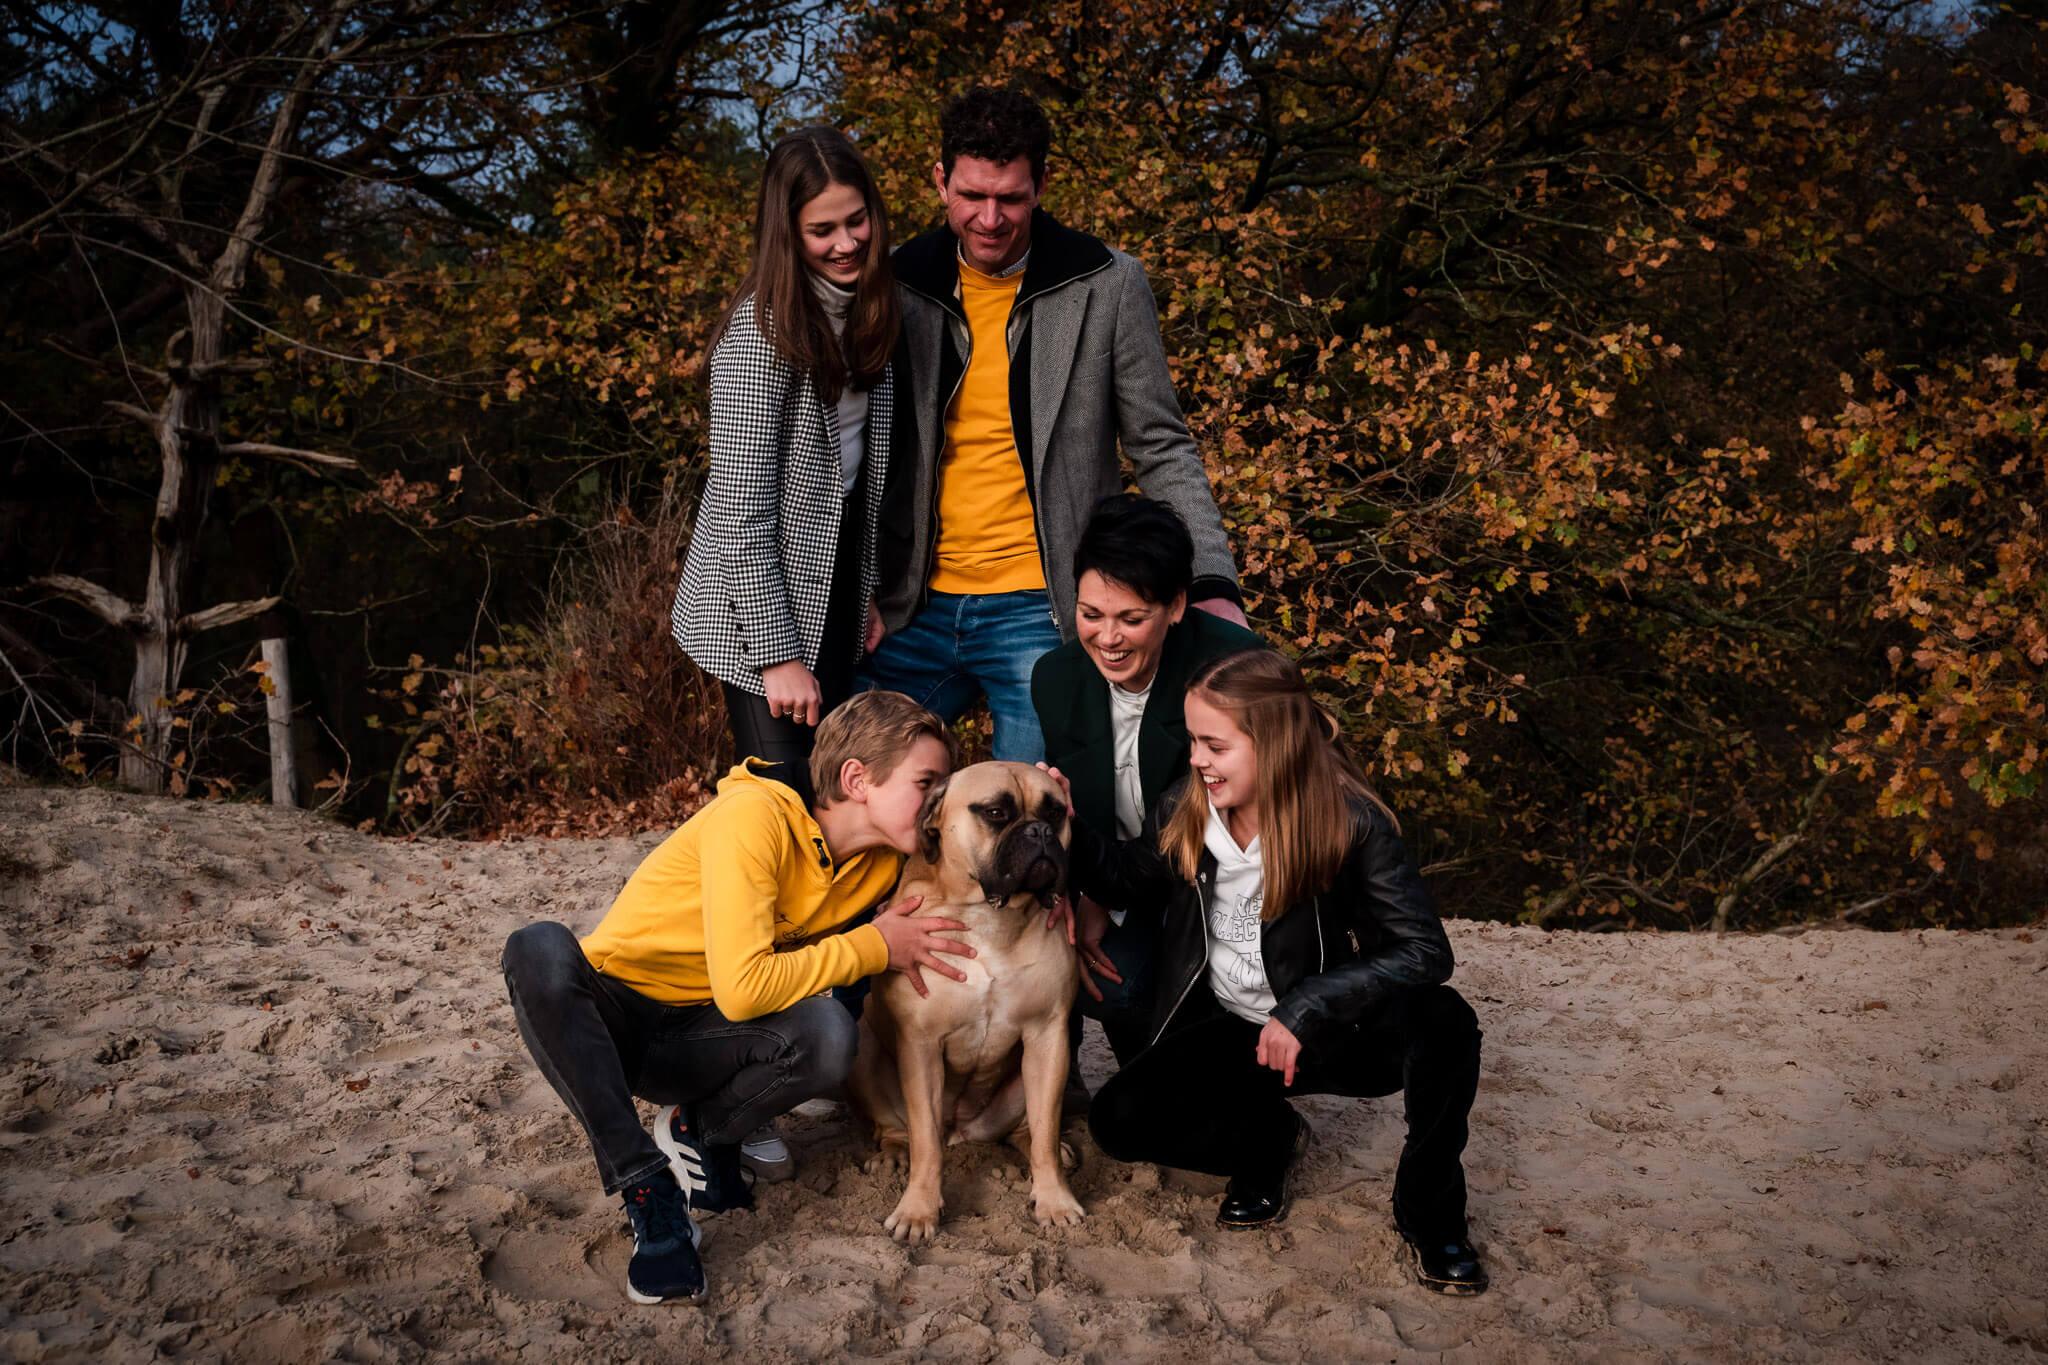 De complete familie tijdens de familiereportage met hond in de Soesterduinen